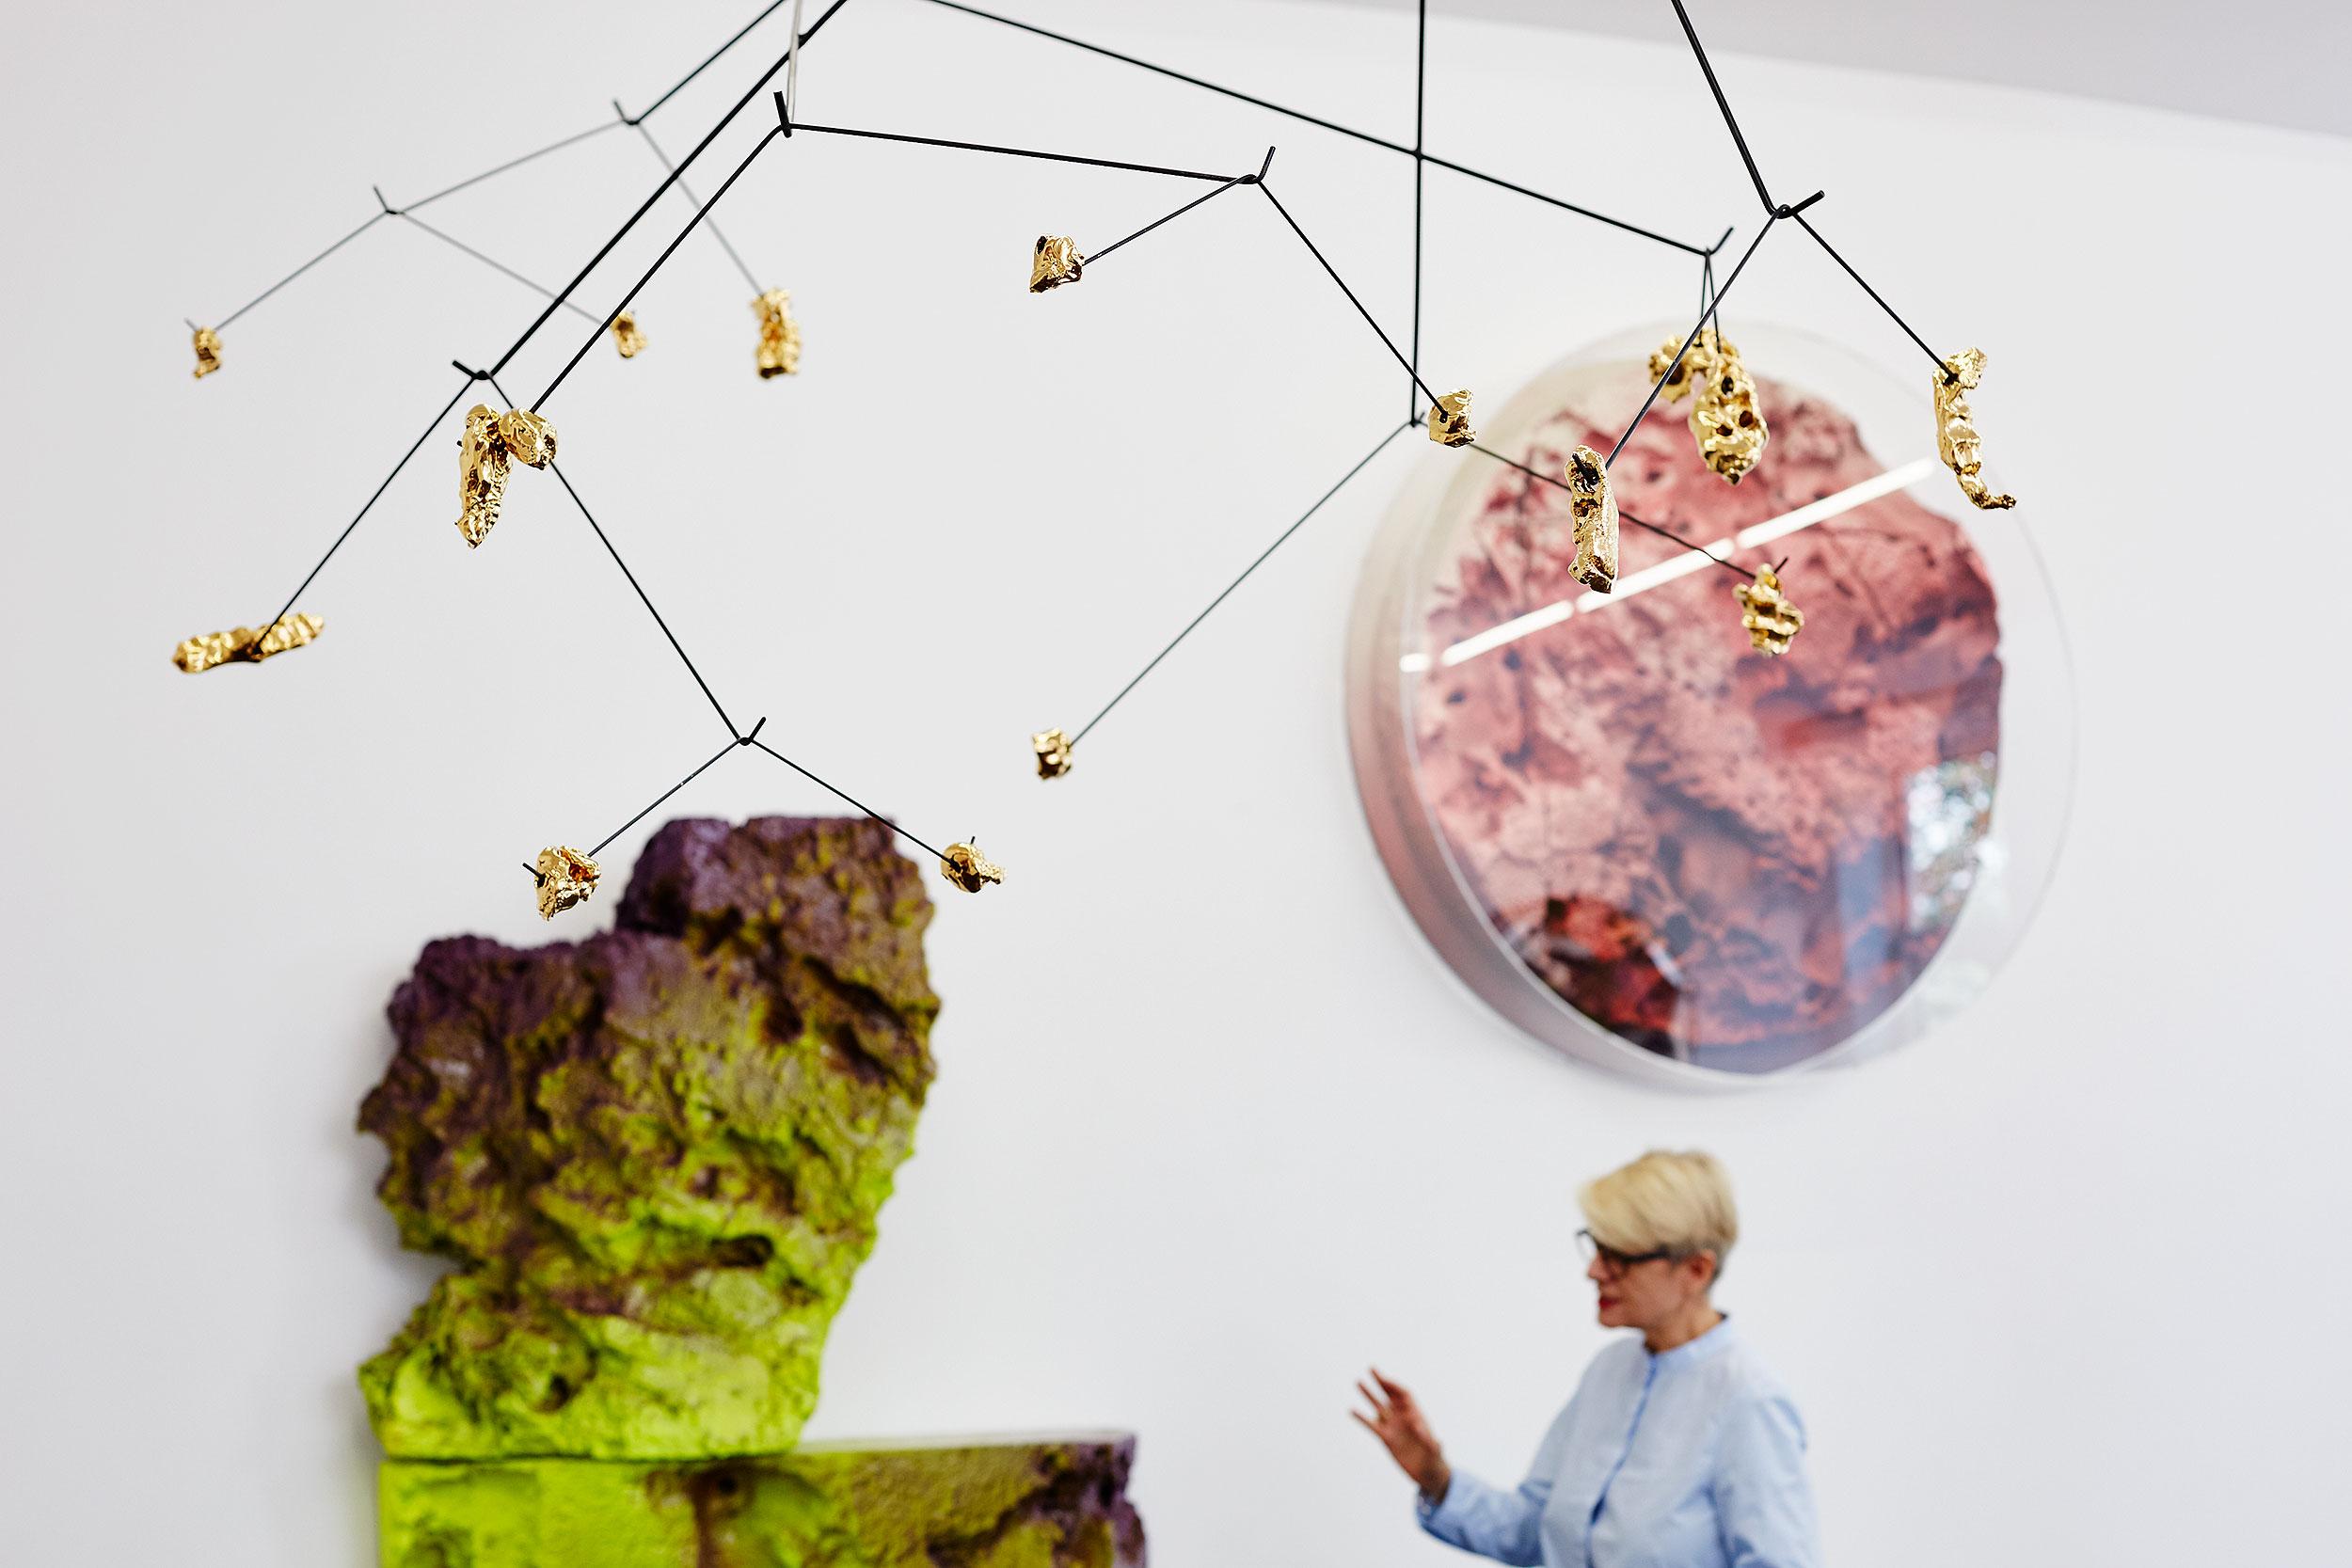 Kunst im Raum mit unscharfer blonder Dame im Hintergrund. Im Vordergrund Astähnliches schwarzes Drahtgestell von der Decke mit goldenen Seinen im Hintergrund grünbraune Steinskulptur und rundes rot-lila-skulpturales Bild an der Wand. darunter steht eine blonde Frau und gestikuliert.